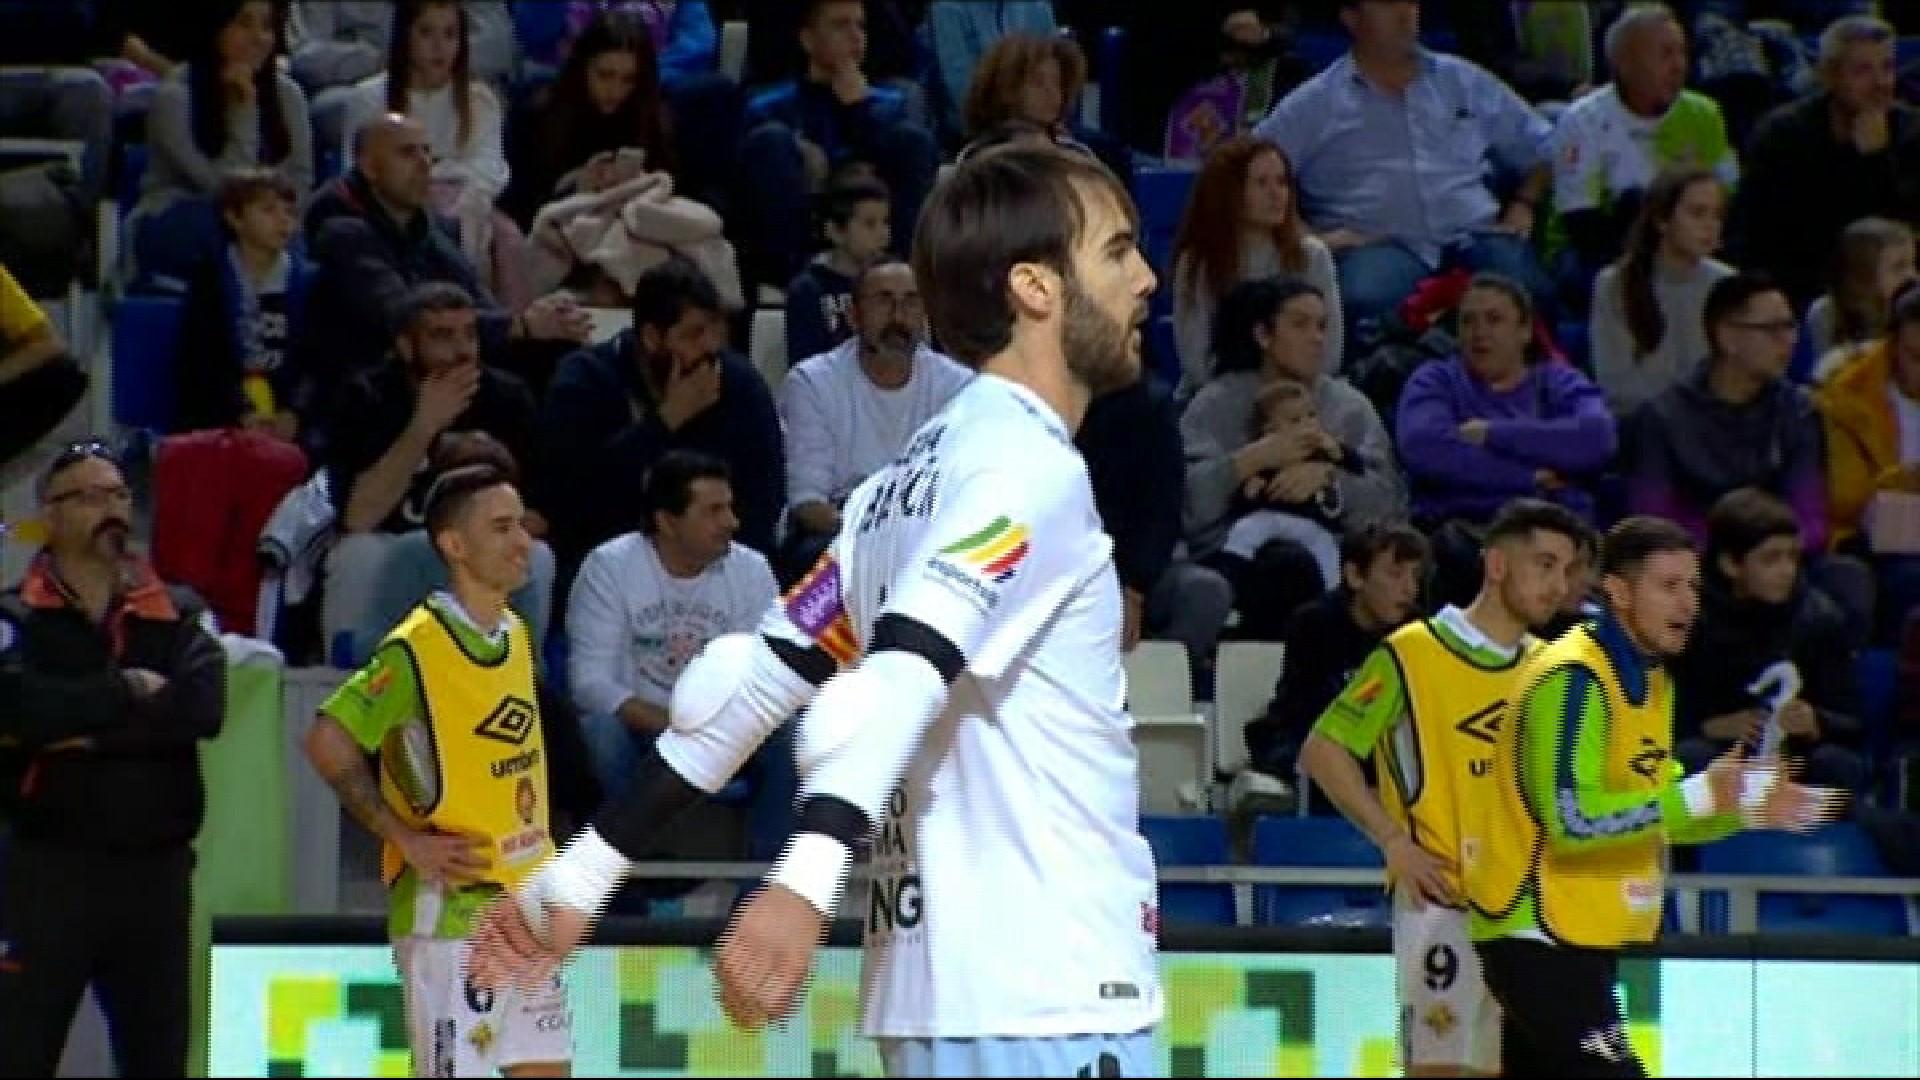 El+Palma+Futsal+necessita+retrobar-se+amb+la+vict%C3%B2ria+a+Saragossa